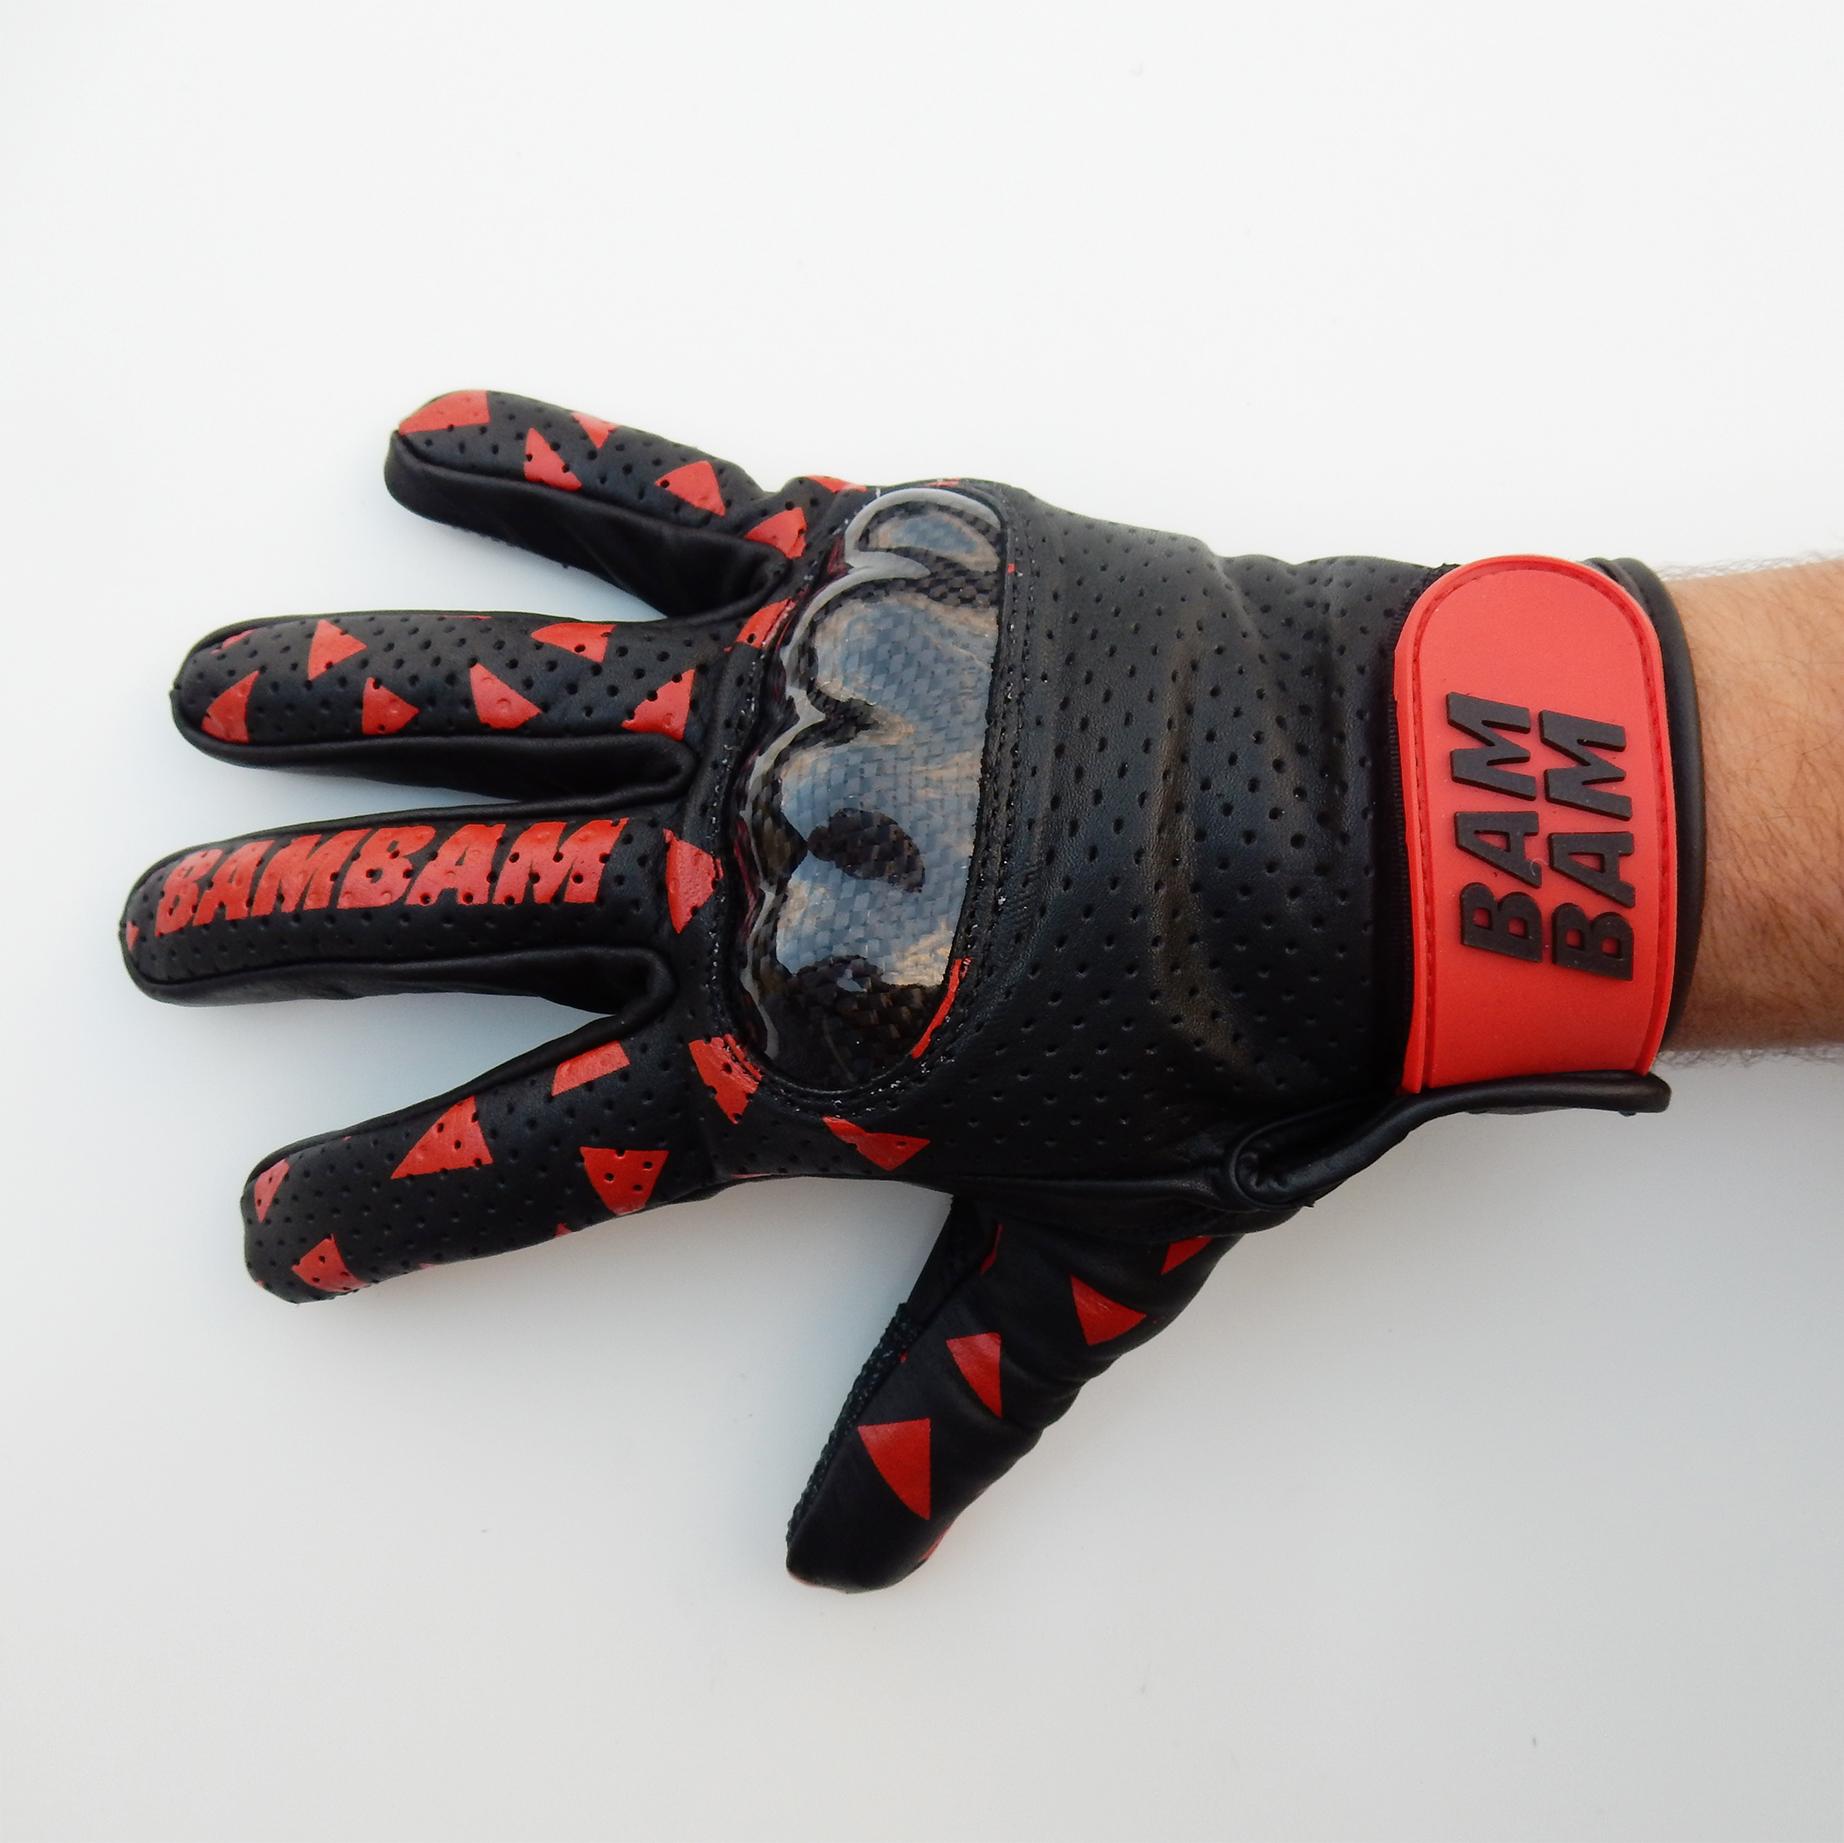 Bambam_Gloves_5.jpg